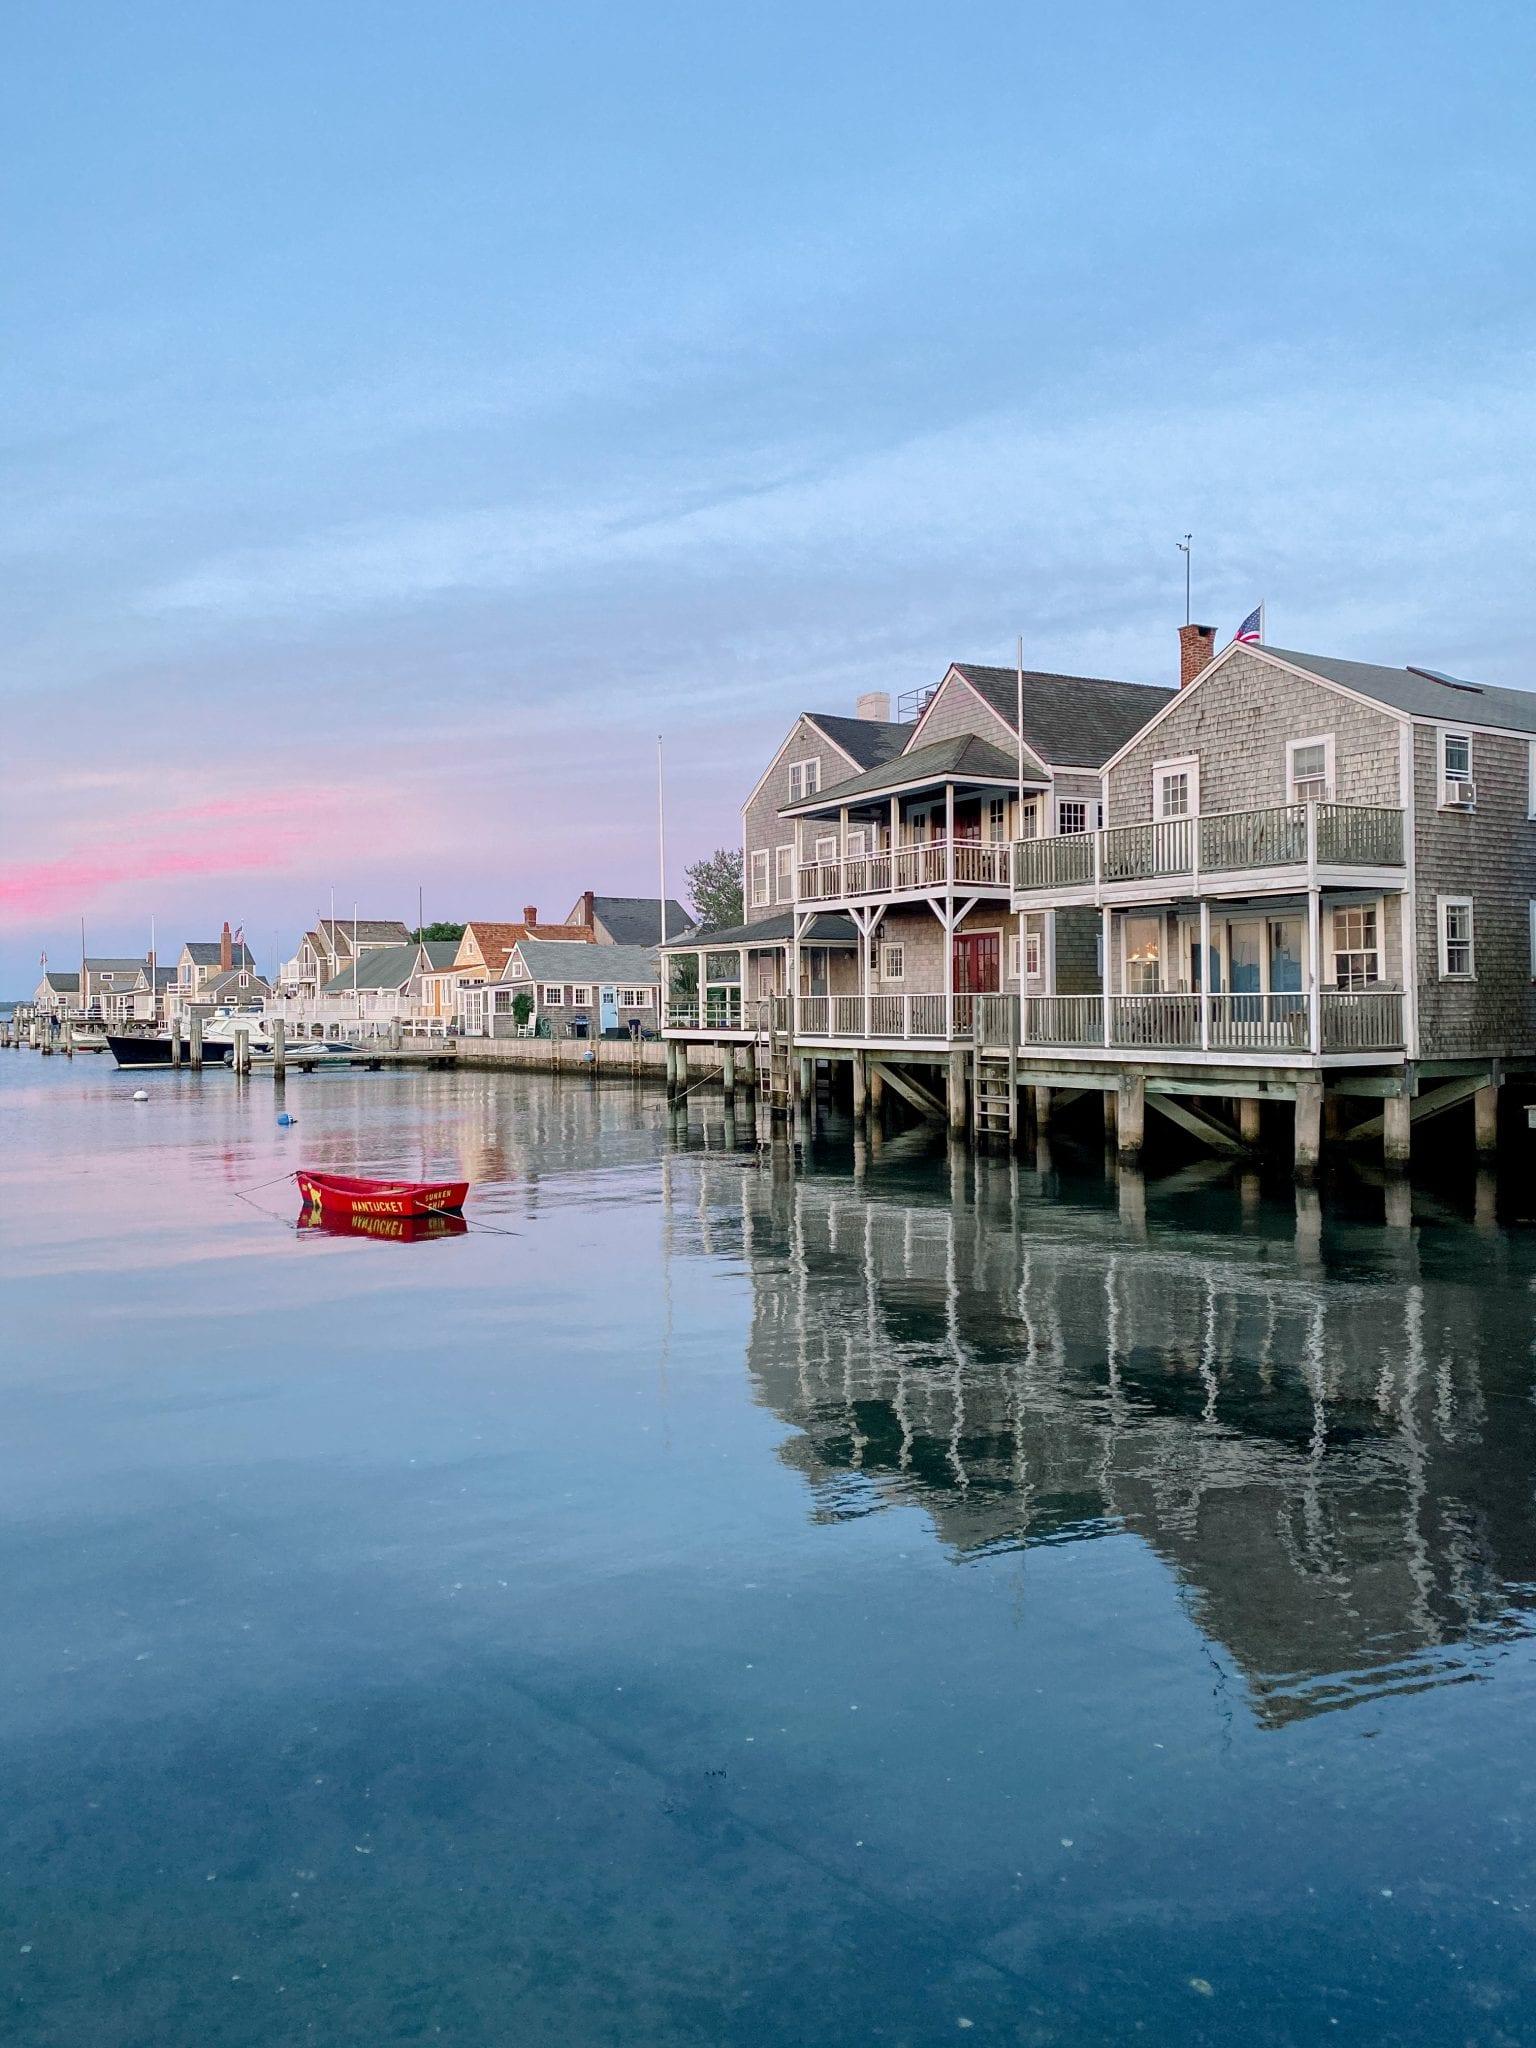 Nantucket boat harbor at sunset